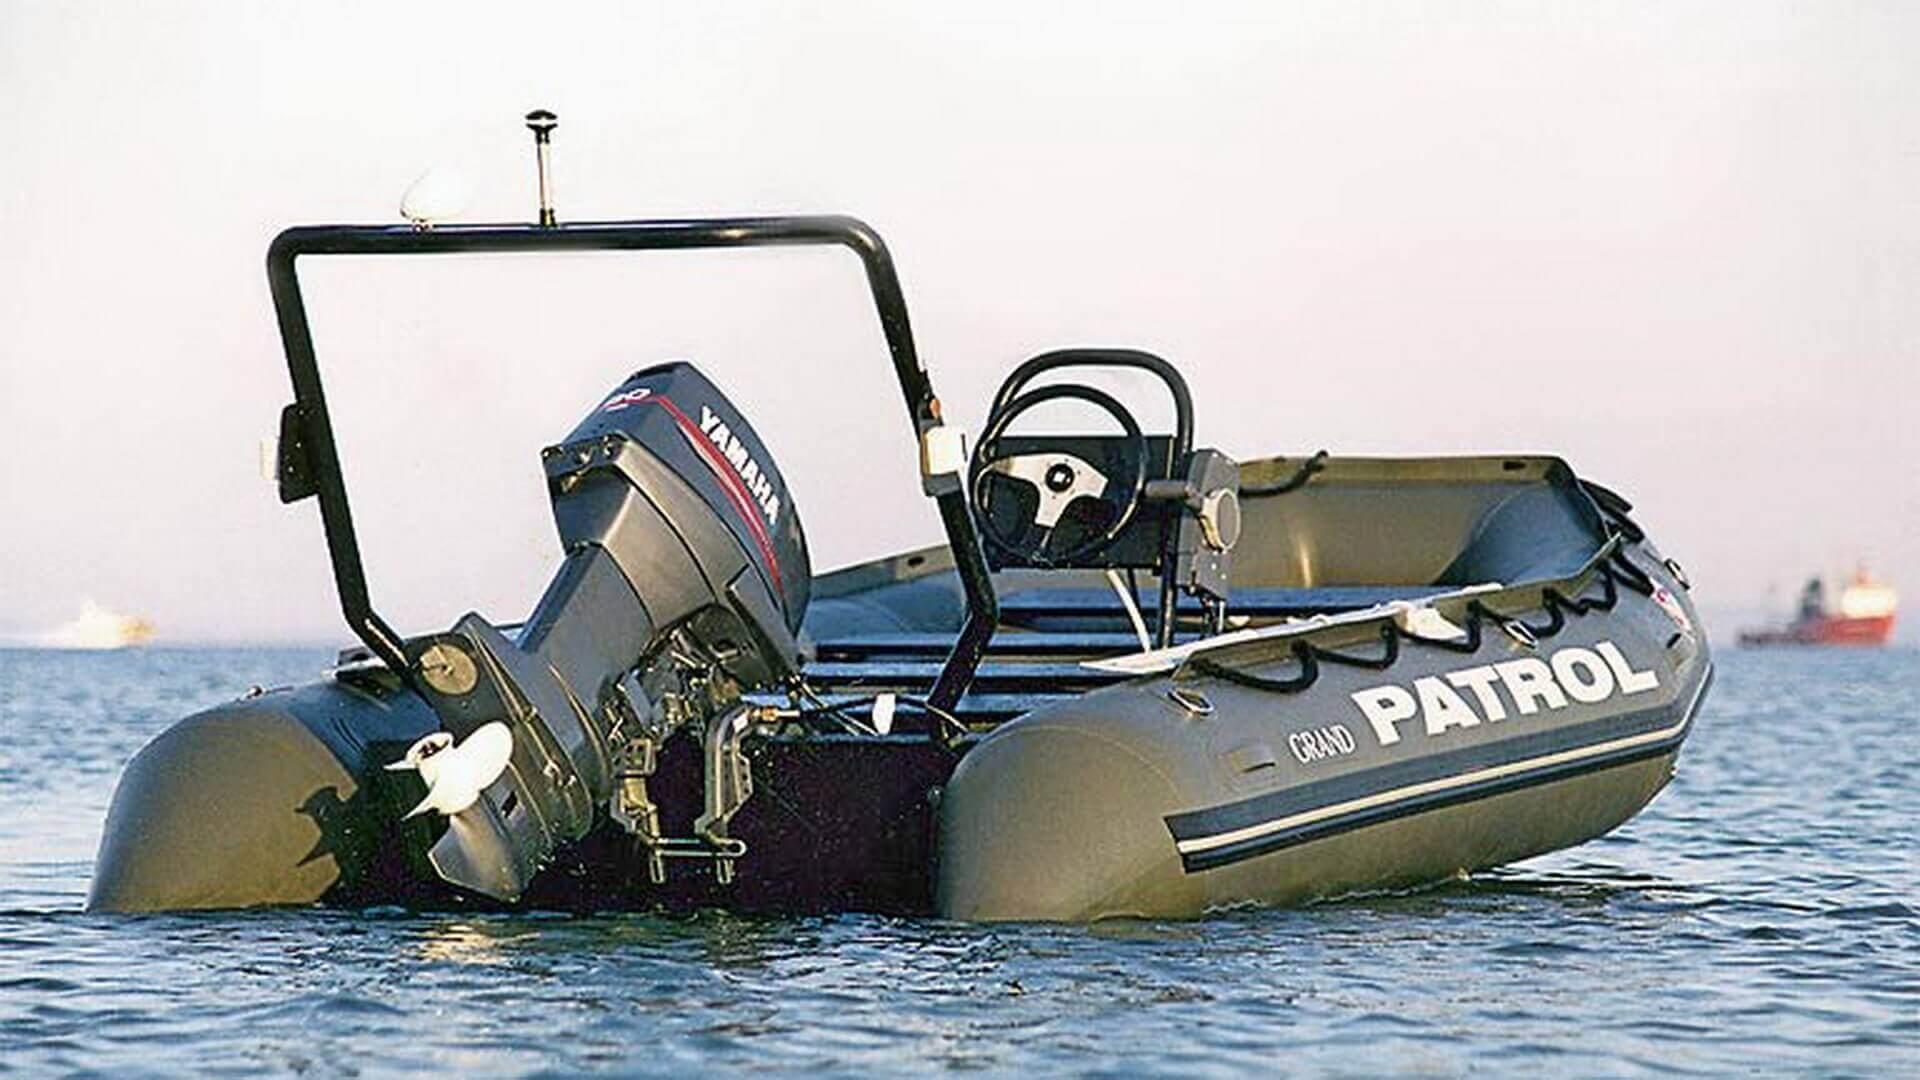 Складная надувная лодка с настилом GRAND Ranger R460, Надувная лодка GRAND Ranger R460, GRAND Ranger R460, GRAND R460, Складная надувная лодка GRAND, Надувная лодка GRAND, Надувная лодка ГРАНД, Разборная надувная лодка с настилом, Fordable Boats